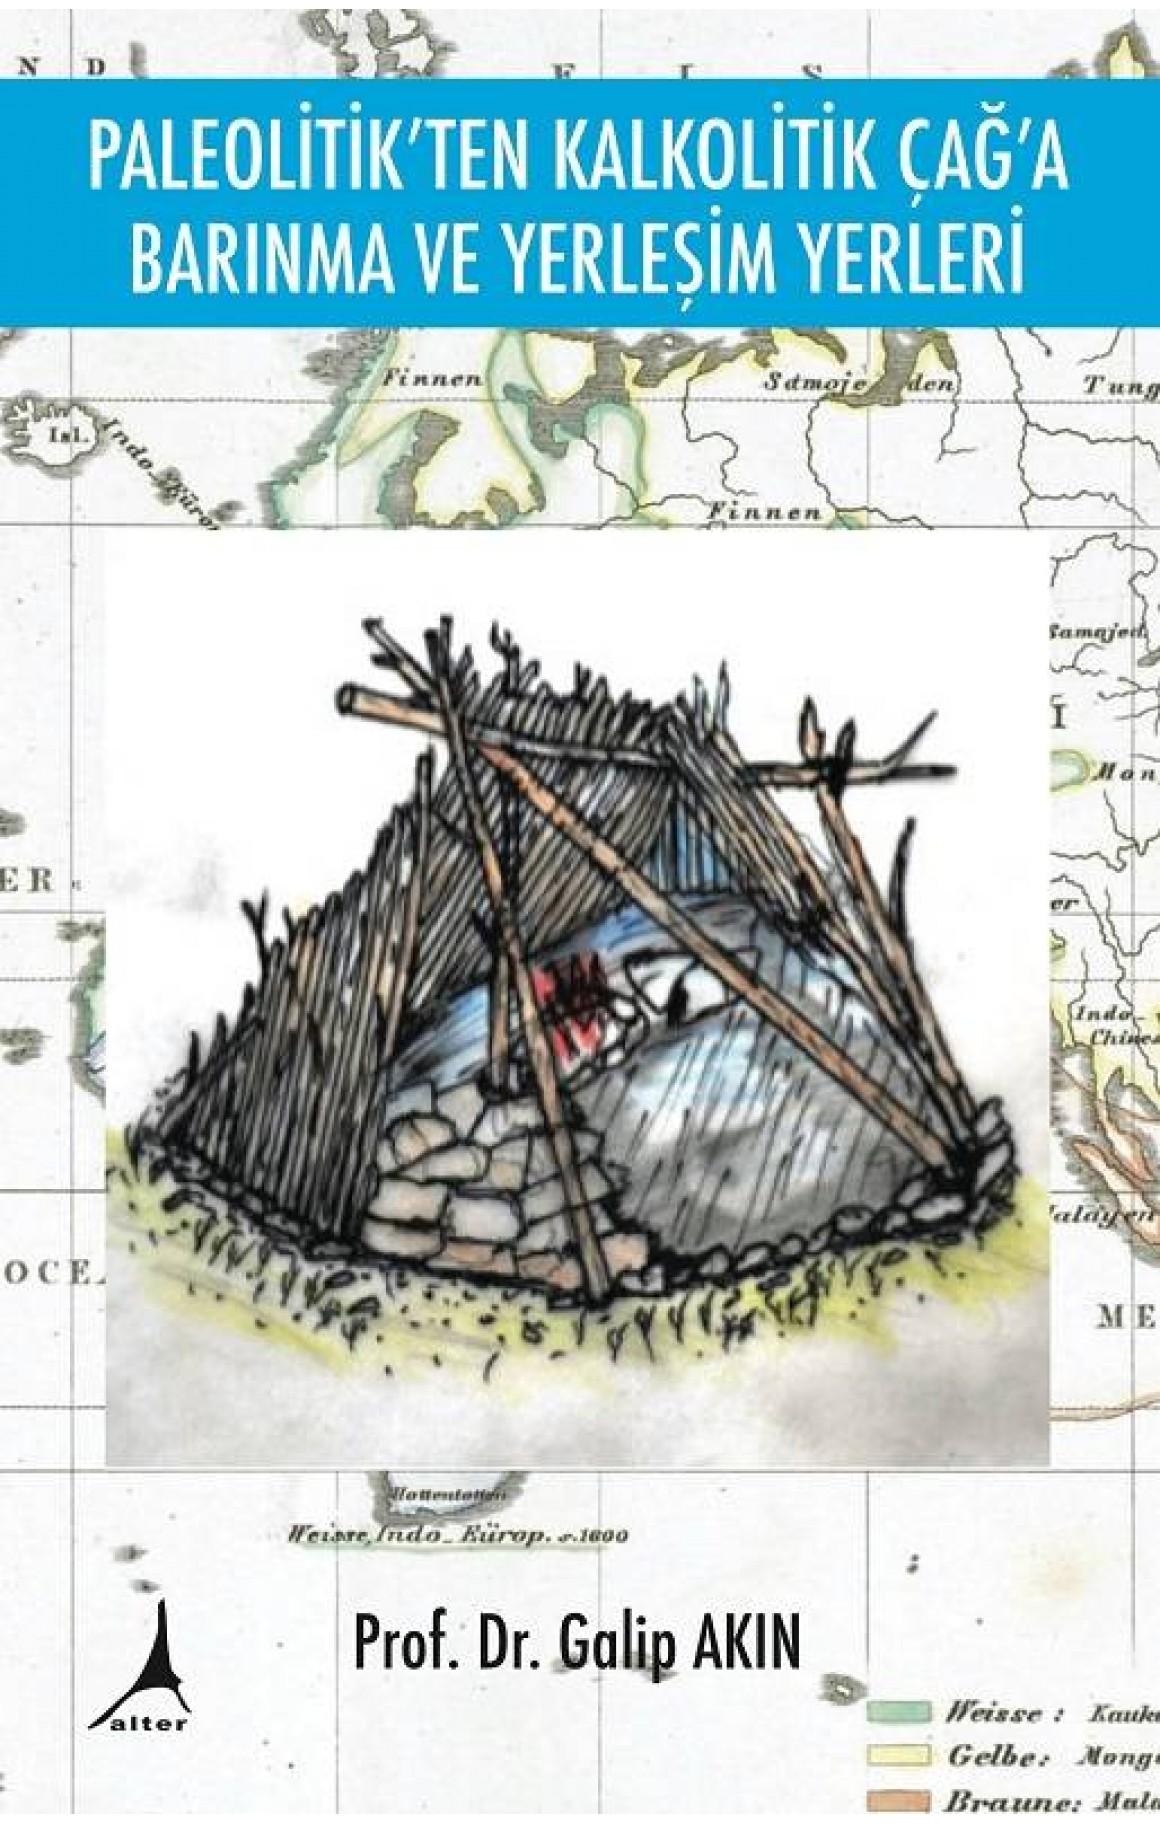 Paleotik'ten Kalkolotik Çağ'a Barınma ve Yerleşim Yerleri